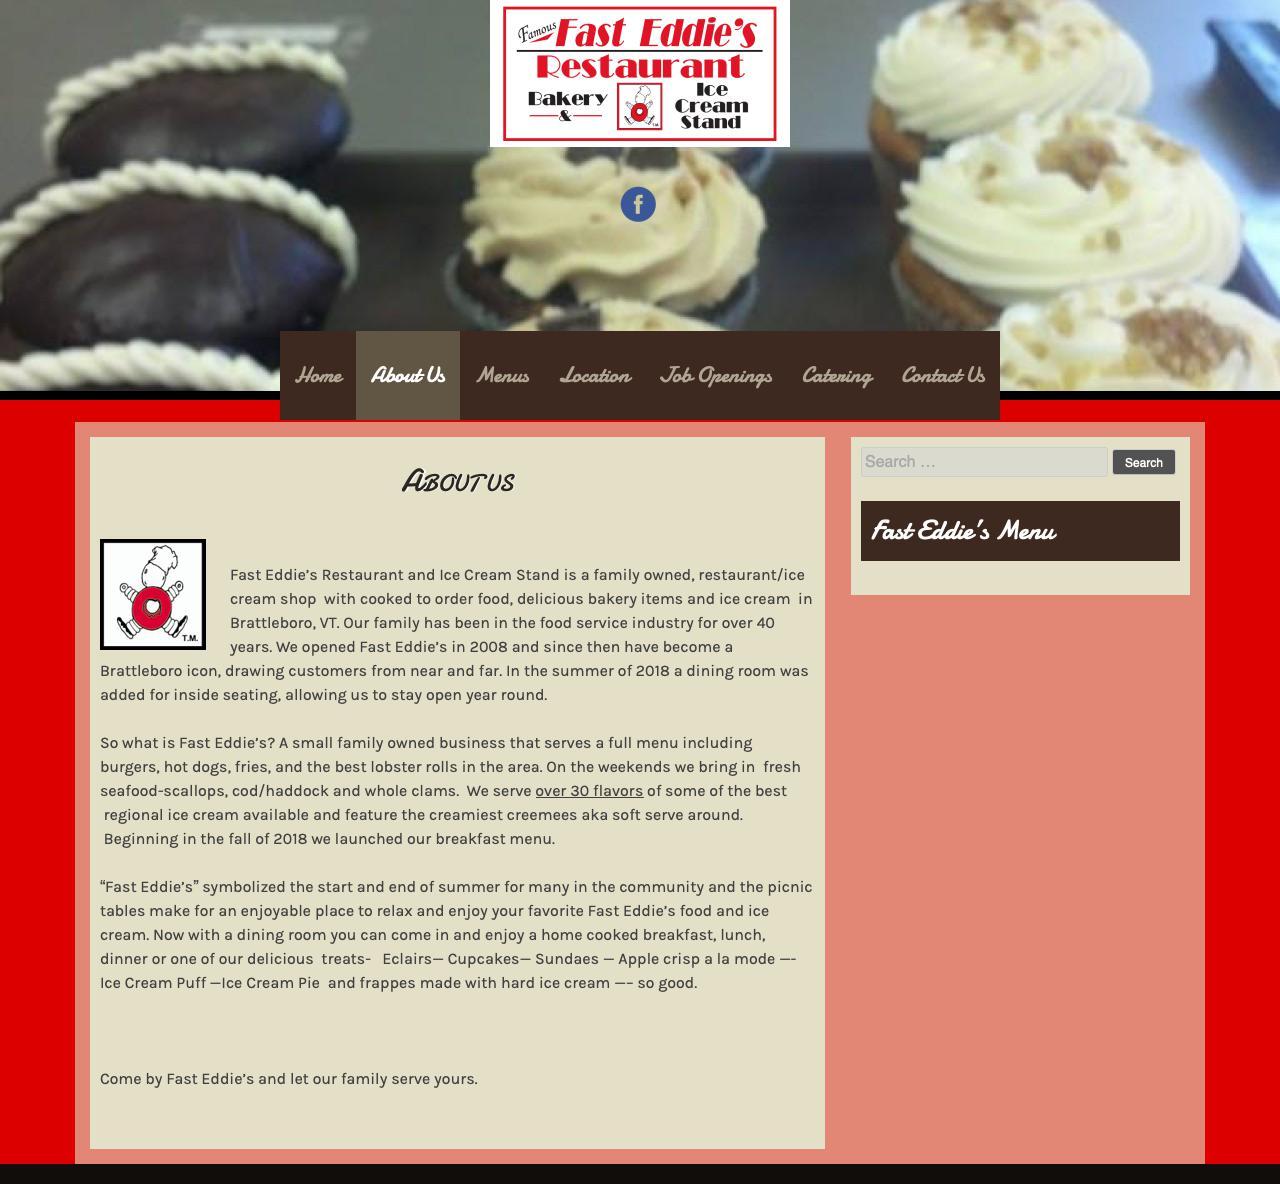 Screenshot of fasteddiesbakery.com - About Us | Fast Eddie's Restaurant - captured Nov. 14, 2018